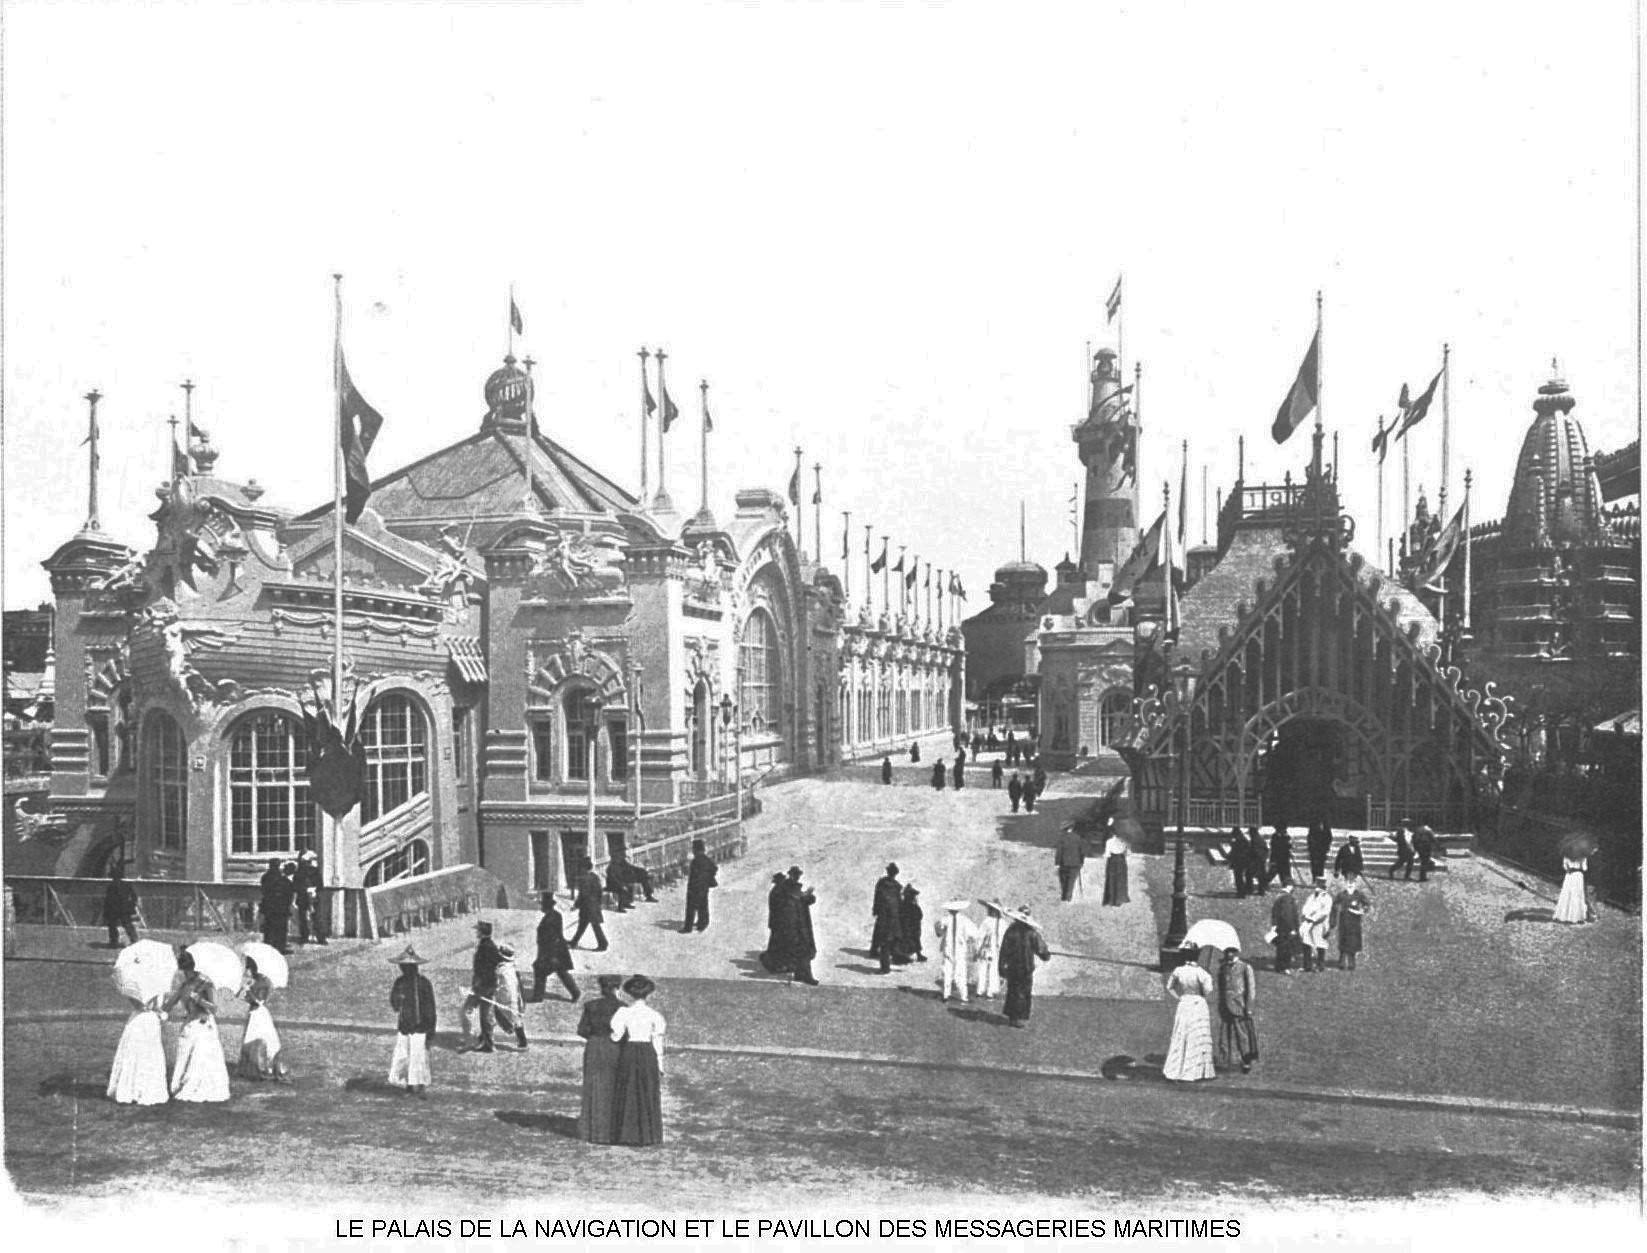 Ressources histoire exposition universelle 1900 le palais de la navigation et le pavillon des messageries maritimes